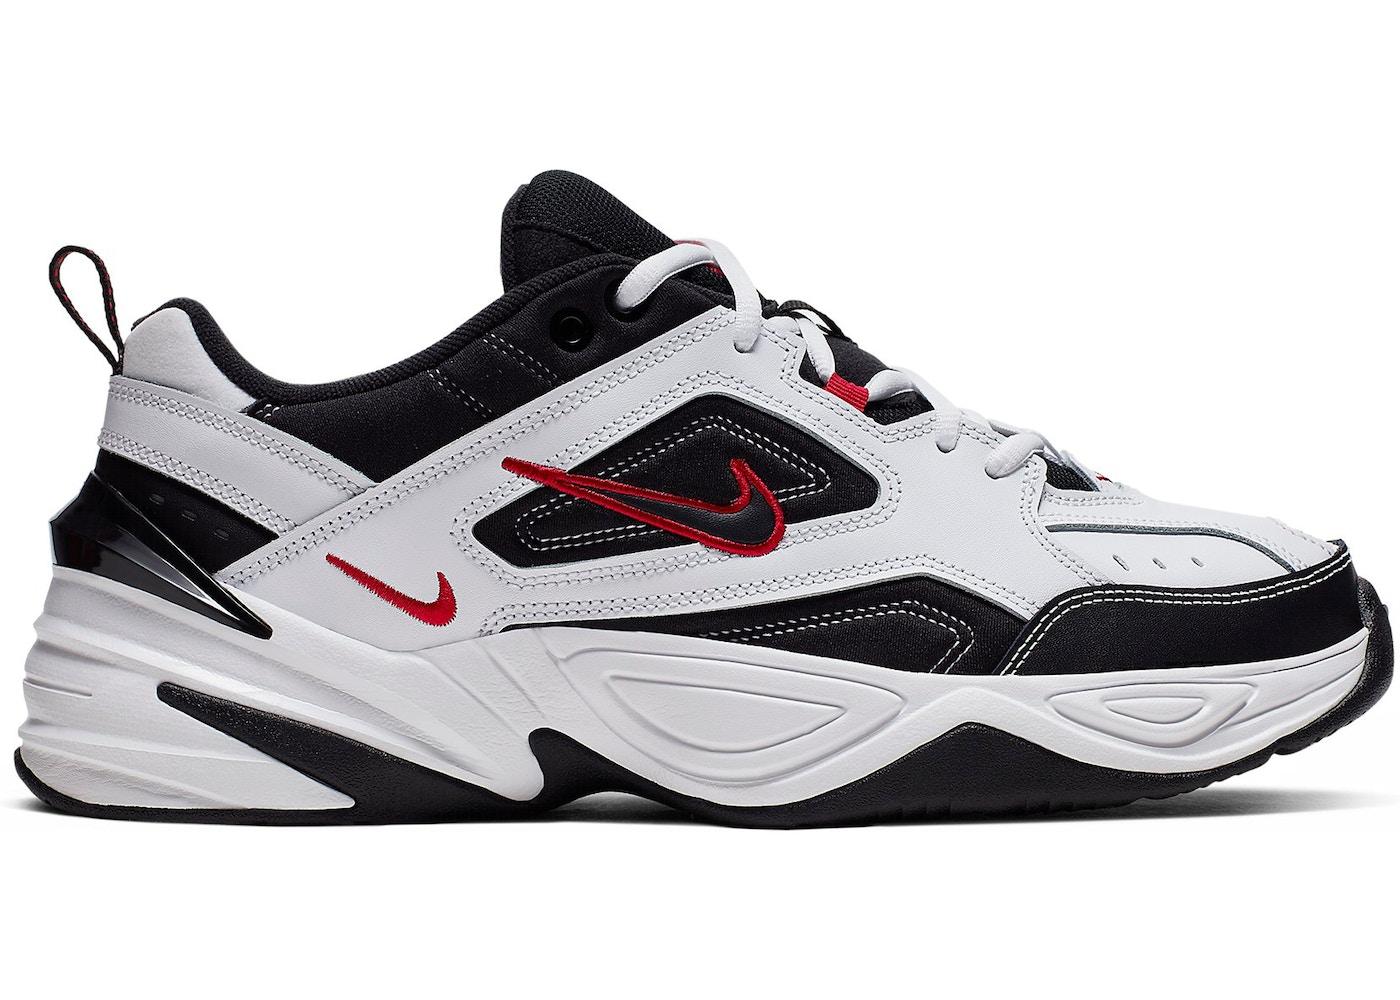 Respiración paquete plan de estudios  Nike M2K Tekno White Black Red - AV4789-104